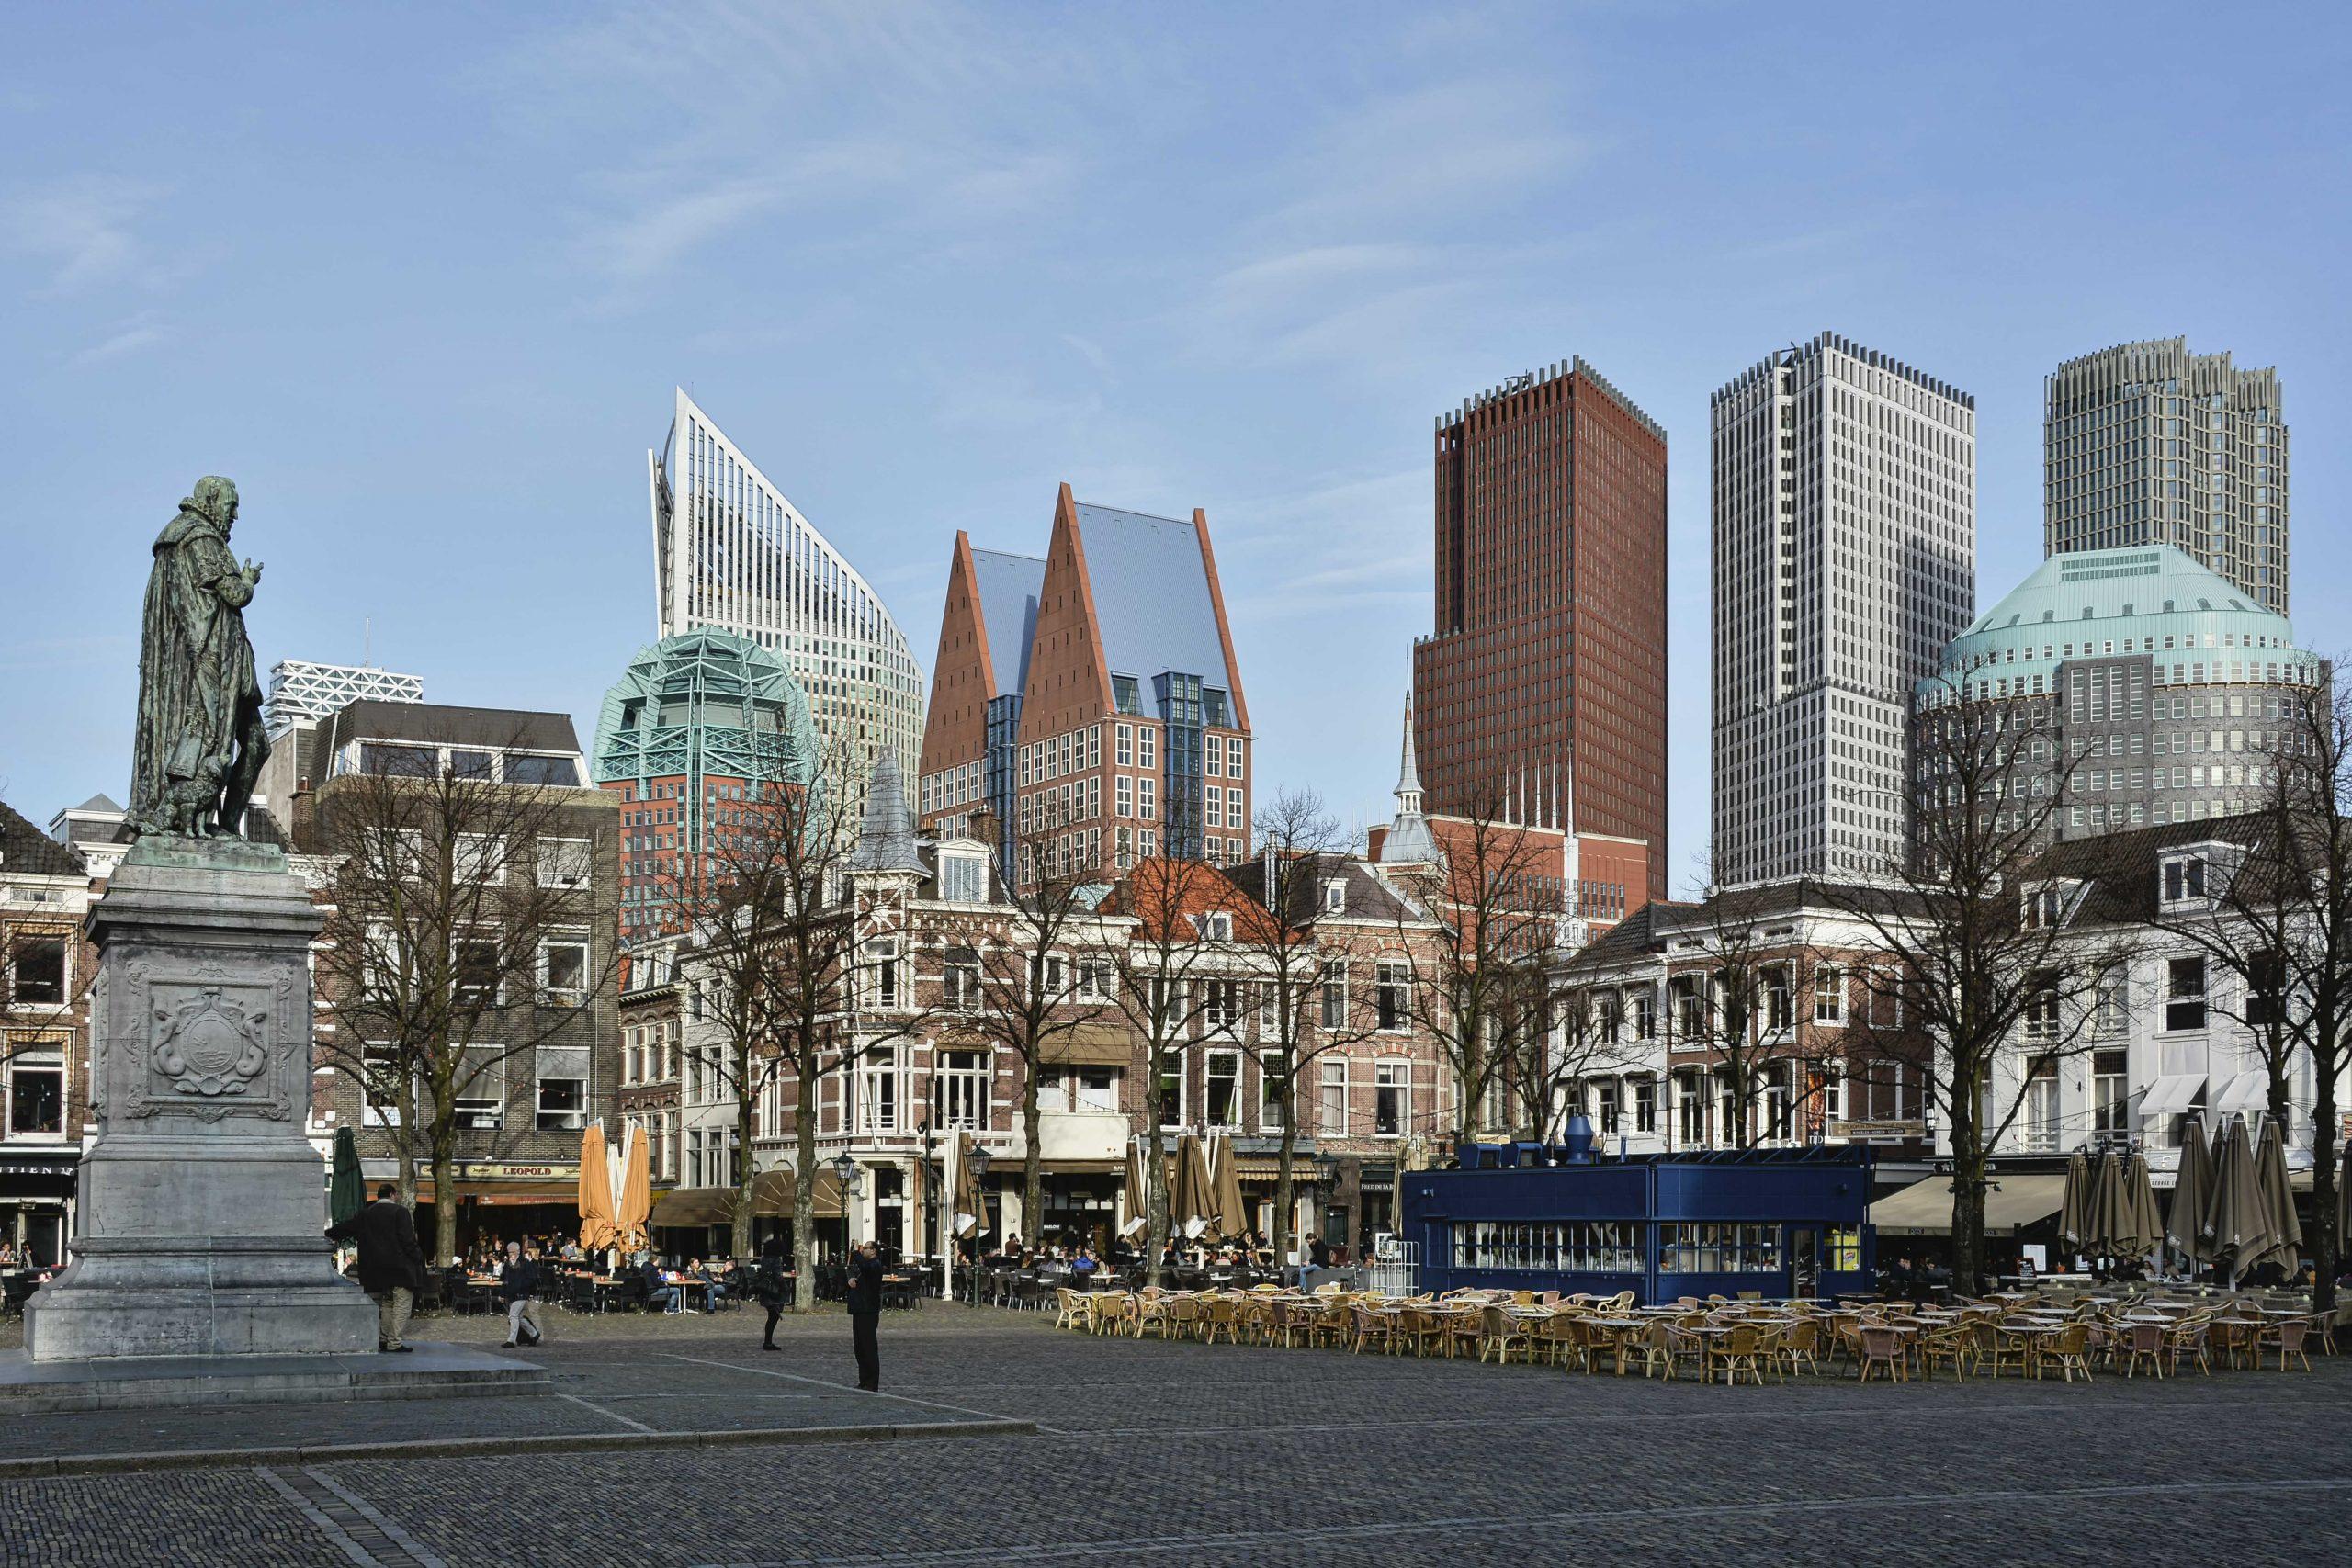 Den Haag Het Plein